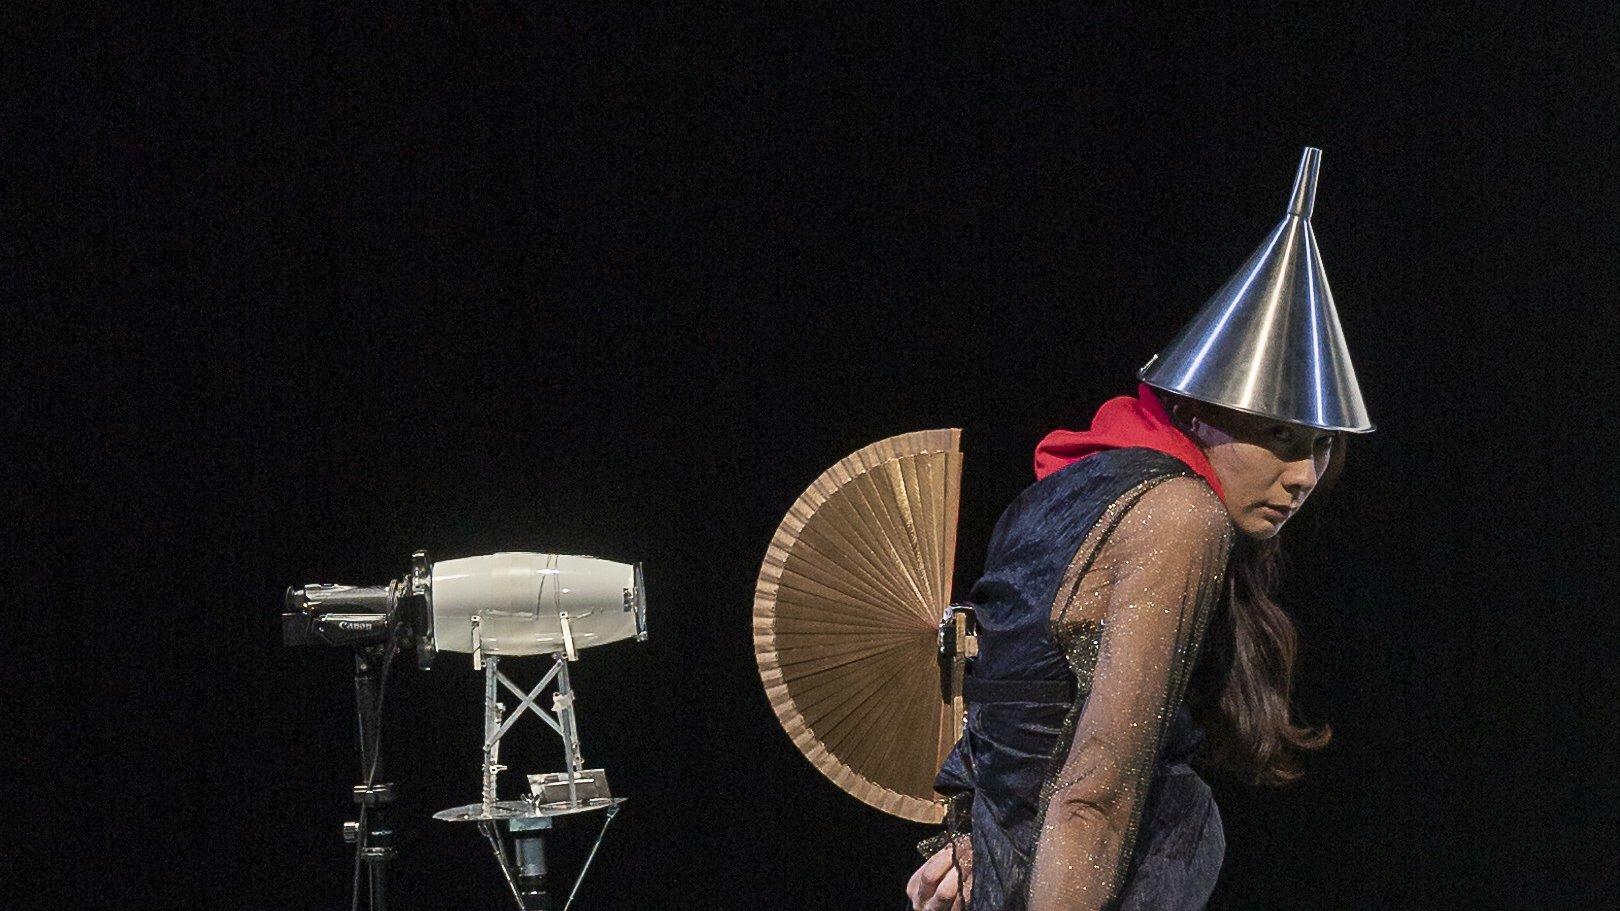 Die Darstellerin Elisabeth Hofmann steht auf der Bühne, als sei sie eine Figur aus einem Bild von Hieronymus Bosch. Sie trägt einen Trichter auf dem Kopf und einen geöffneten Fächer auf dem Rücken, wie eine Eidechse mit aufgeplustertem Kamm.